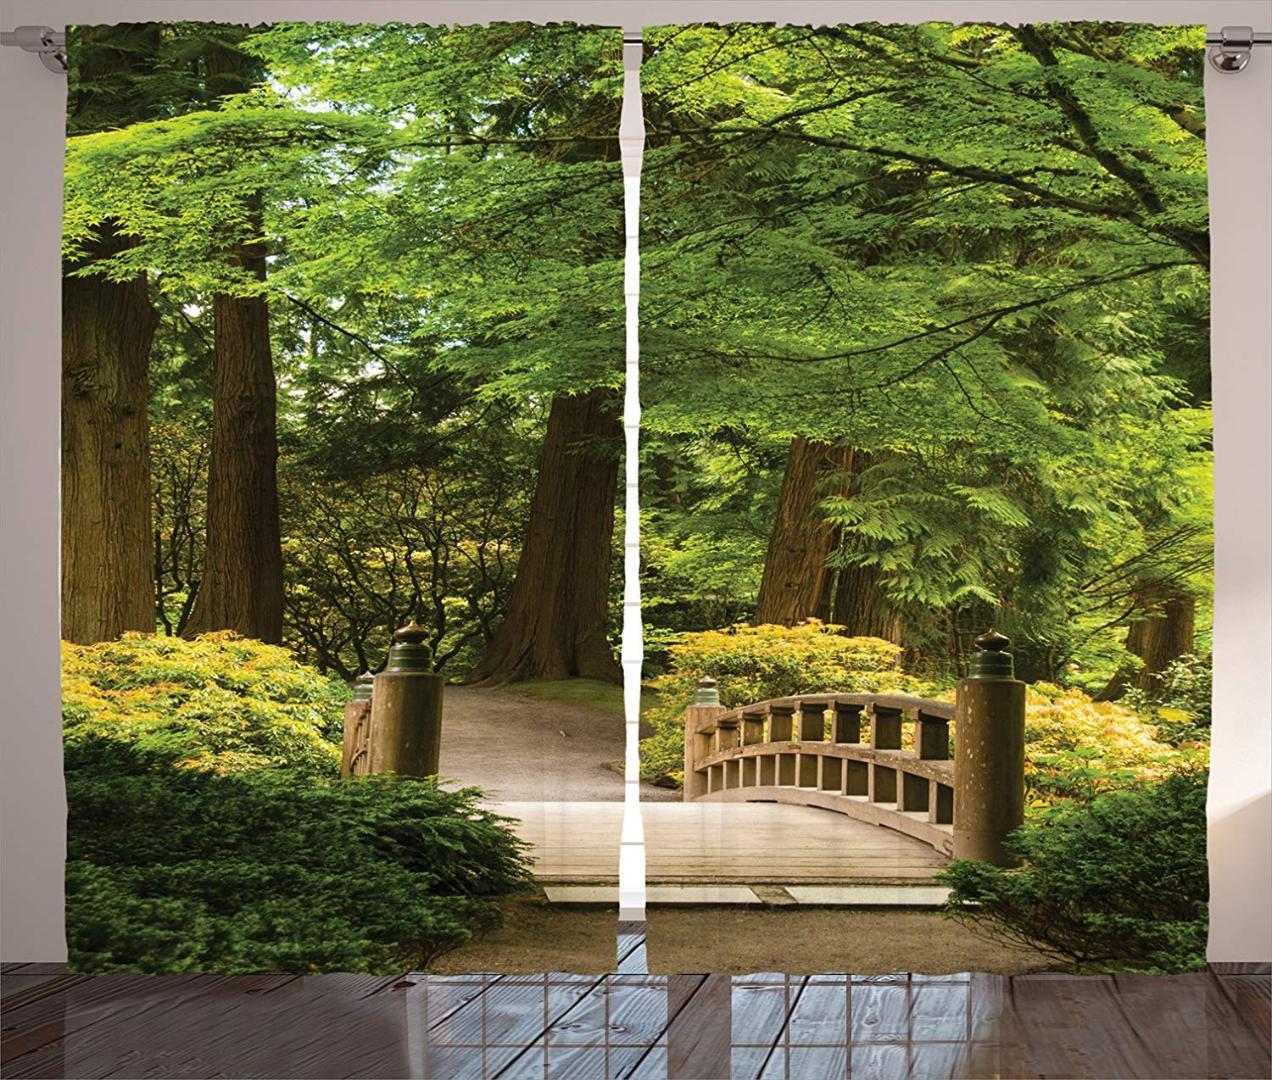 Prezzi Alberi Da Giardino tende giapponesi ponte di legno su uno stagno giardino calma ombra alberi  serenità natura soggiorno camera da letto set di 2 pannelli